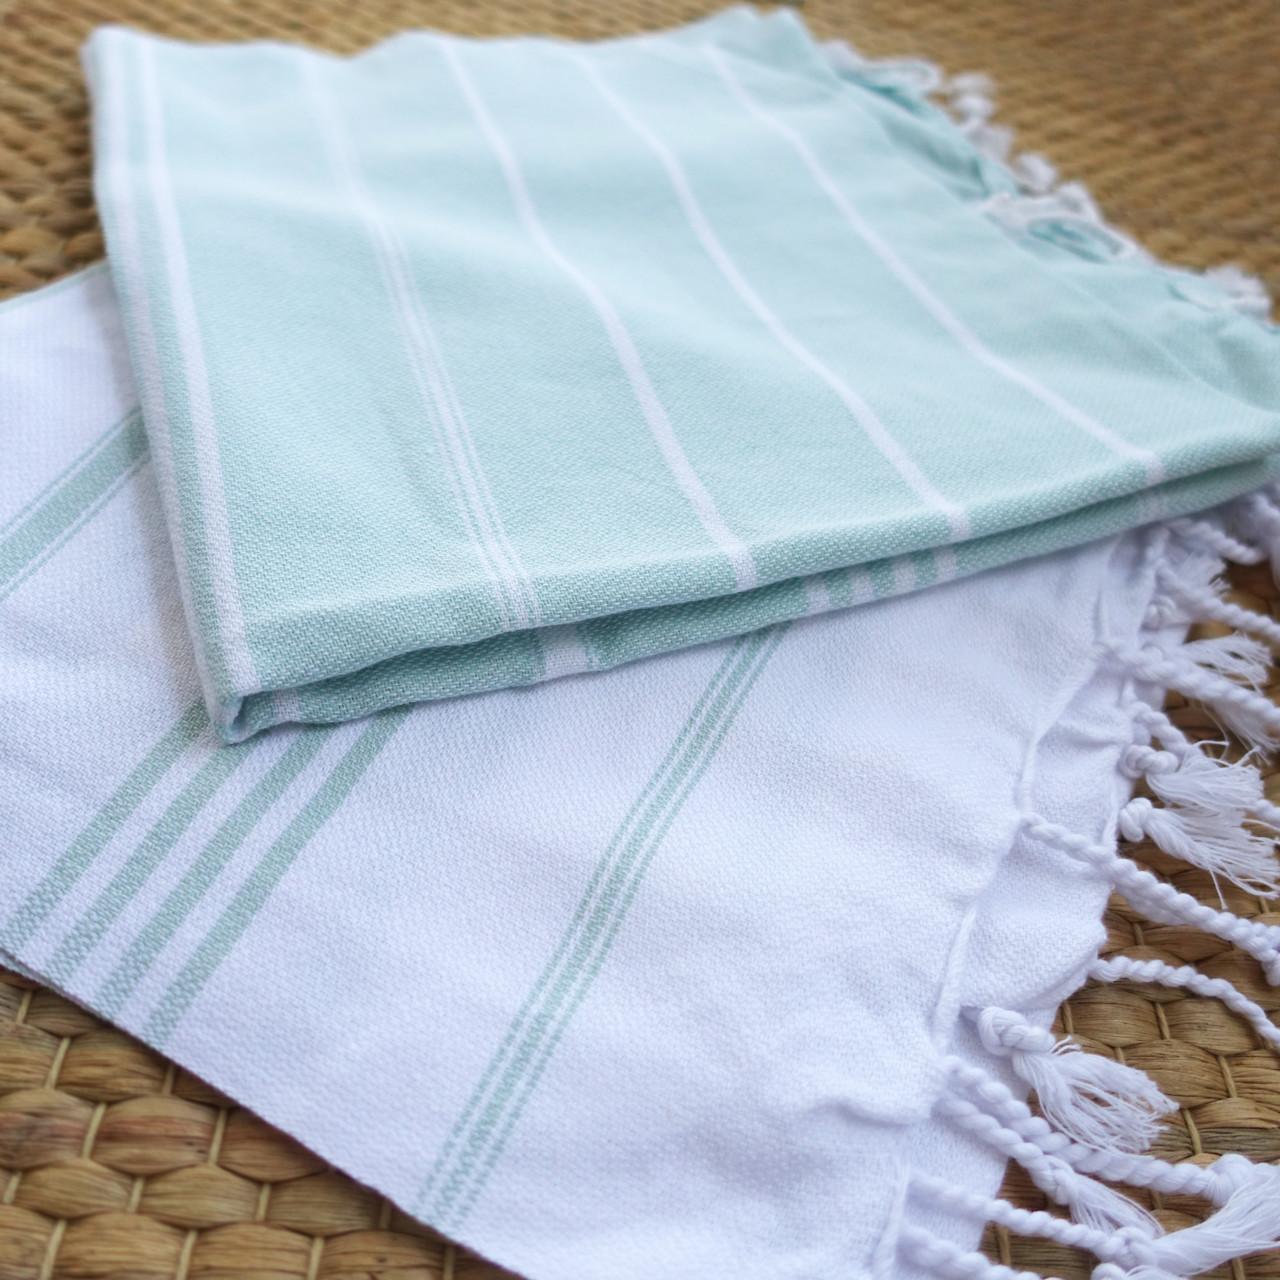 Lichtgewicht handdoek: Set hamamdoeken XS